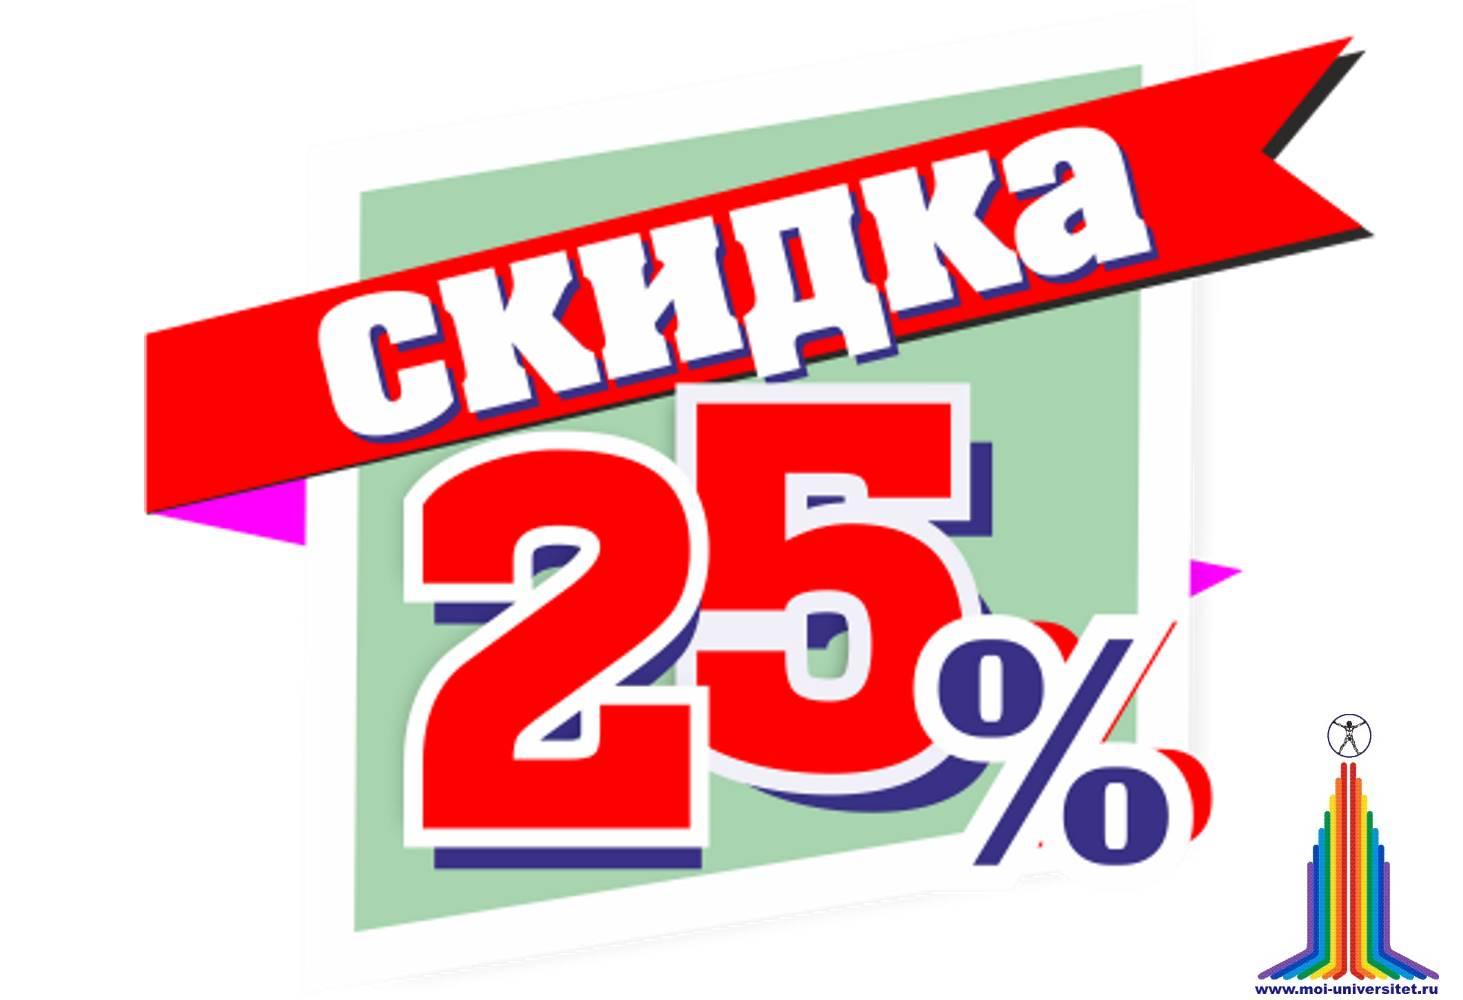 segodnya-posledniyden-skidok-na-kursy-dlya-pedagogov-v-moyem-universitete